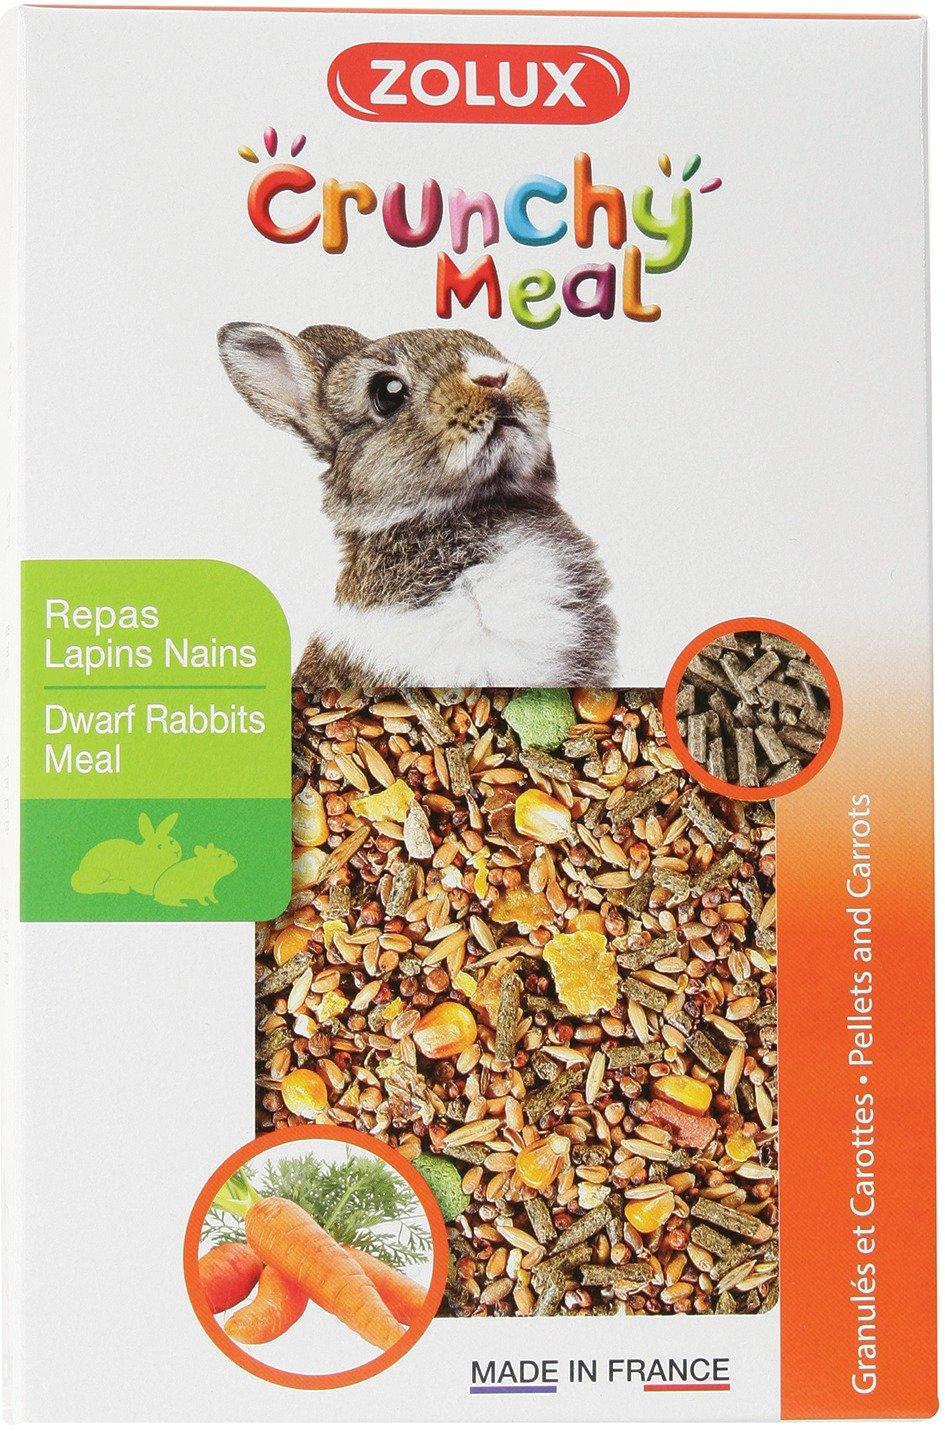 Repas complet pour lapin nain Zolux - Boîte 800 g Sélection Brico-travo